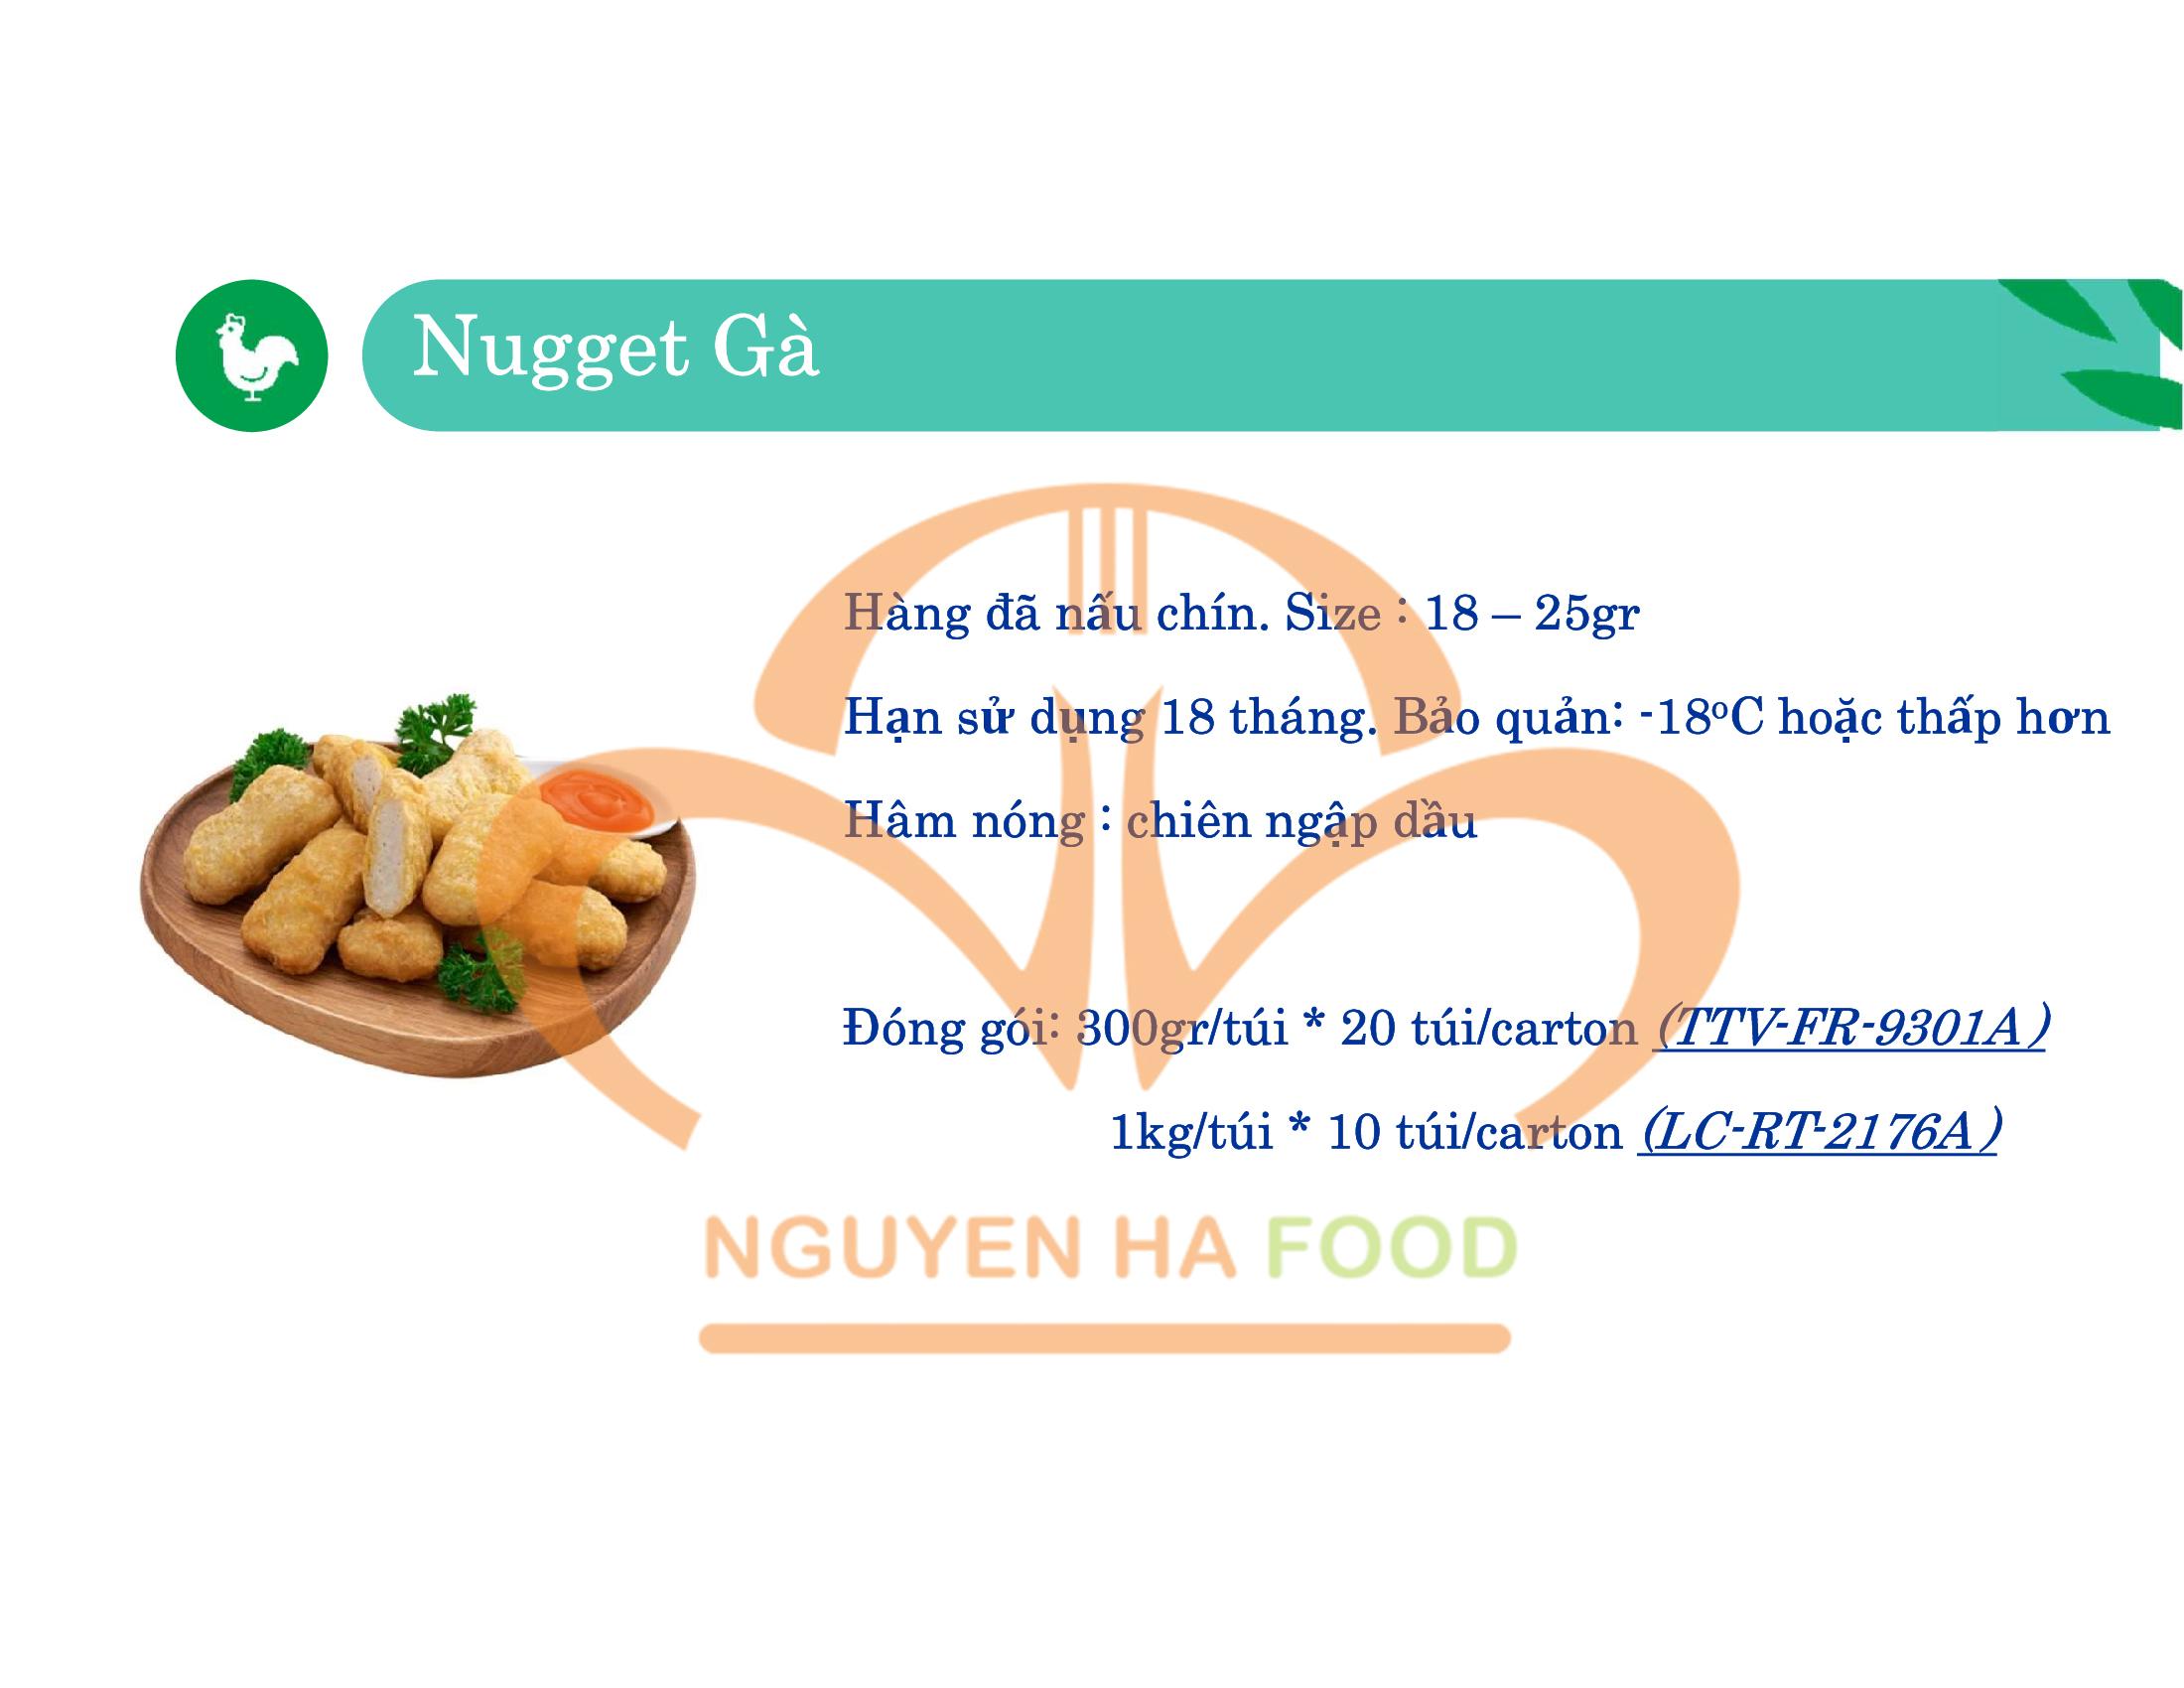 07 GA NUGGET CP NGUYEN HA FOOD